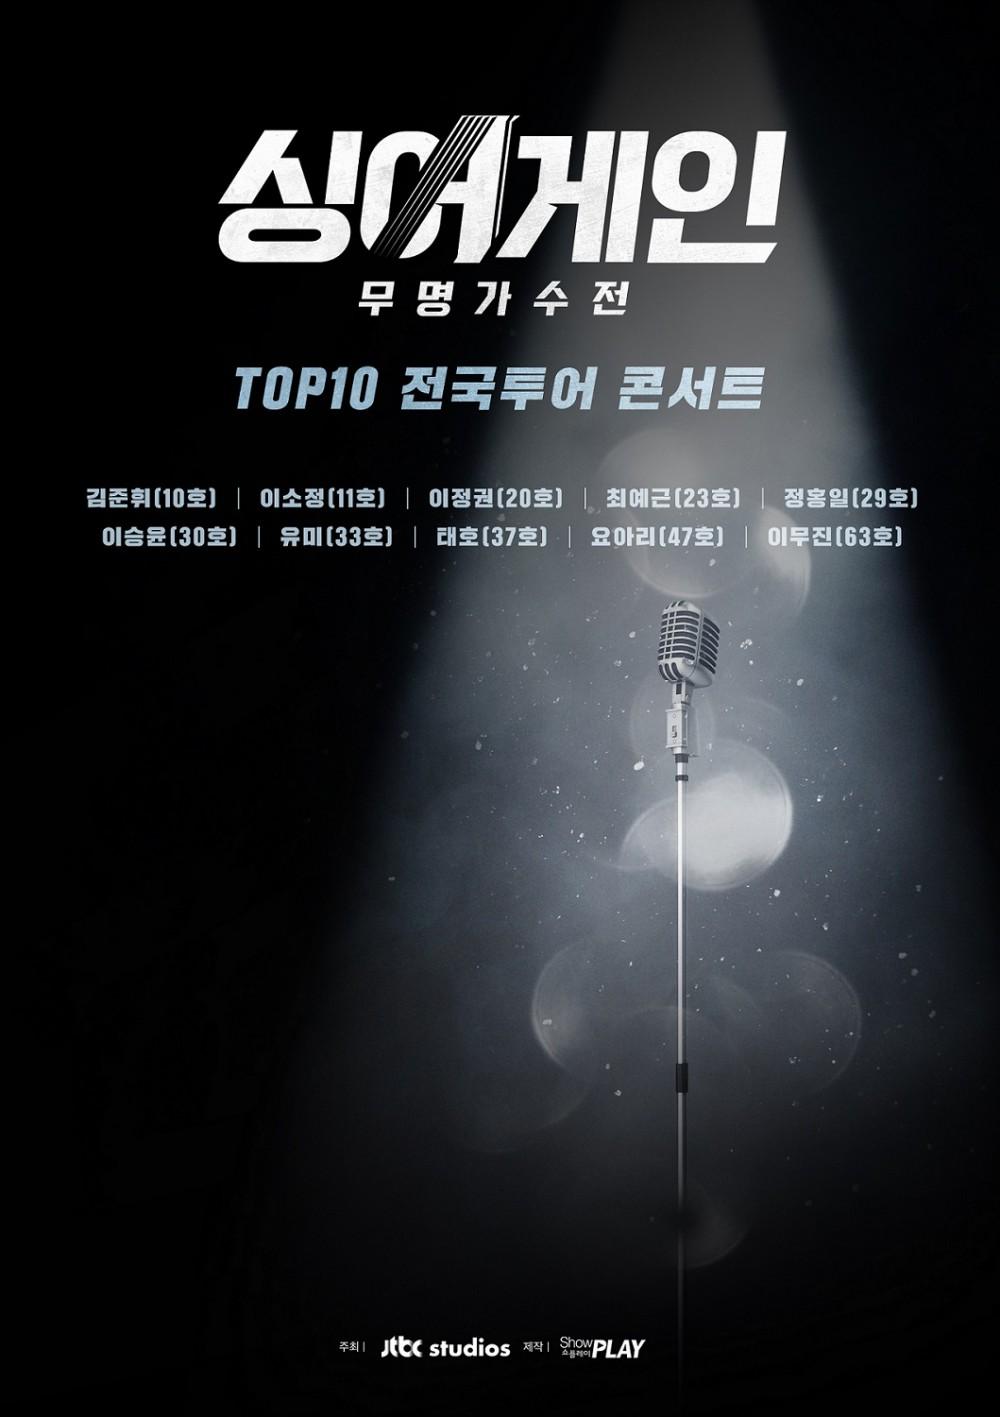 """'싱어게인' TOP10 지방 공연, 오늘 24일부터 순차적 티켓 오픈 """"서울 매진 열기..."""